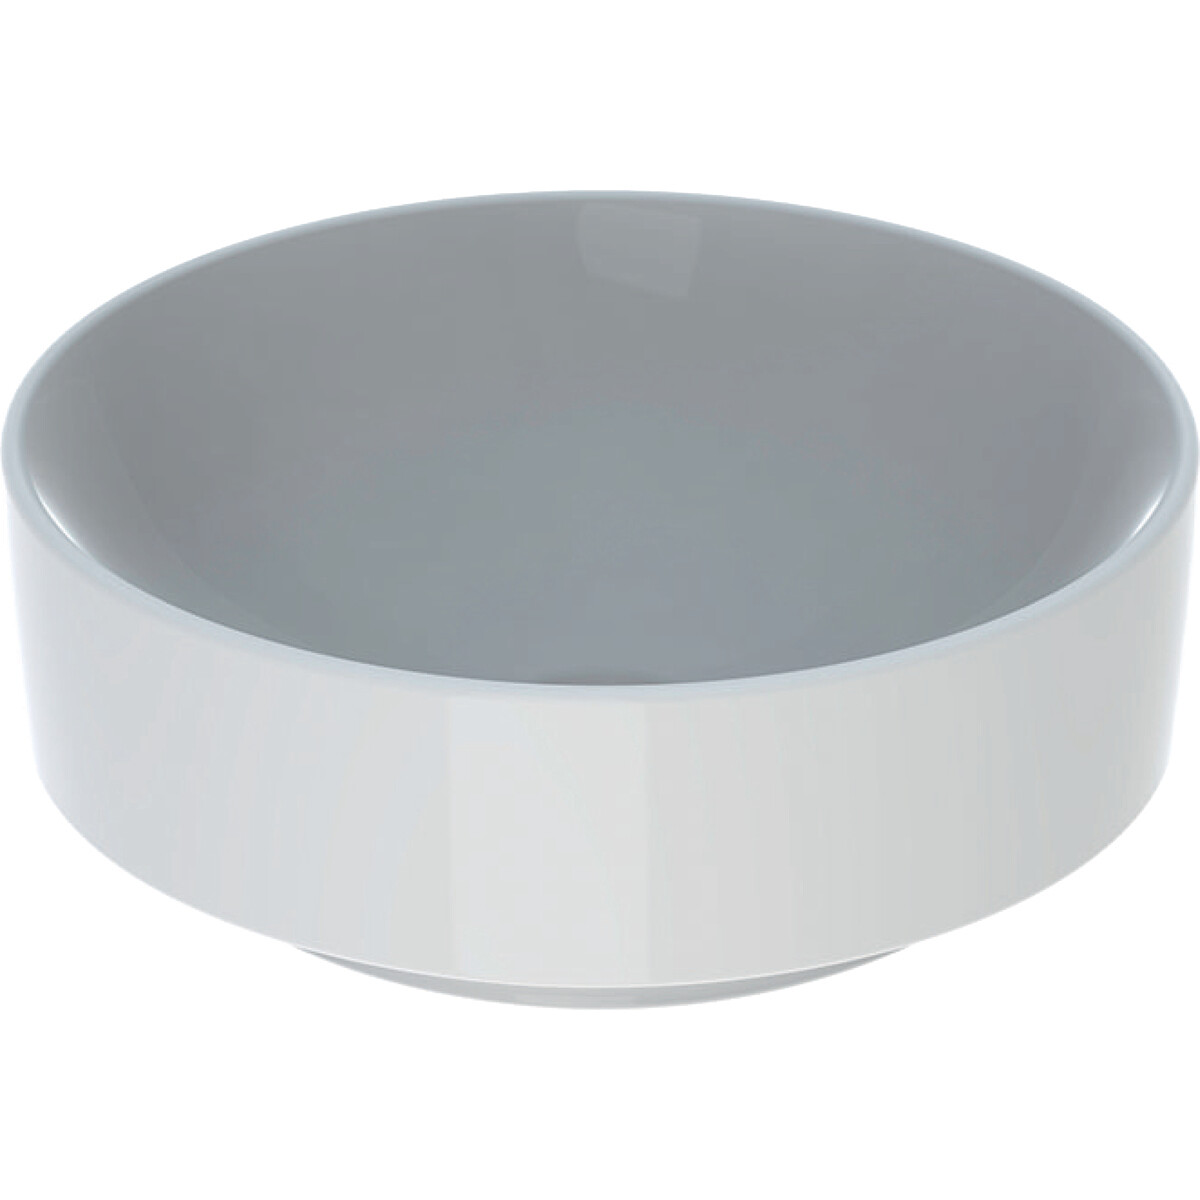 Vasque bol Geberit Variform circulaire diamètre 40 cm